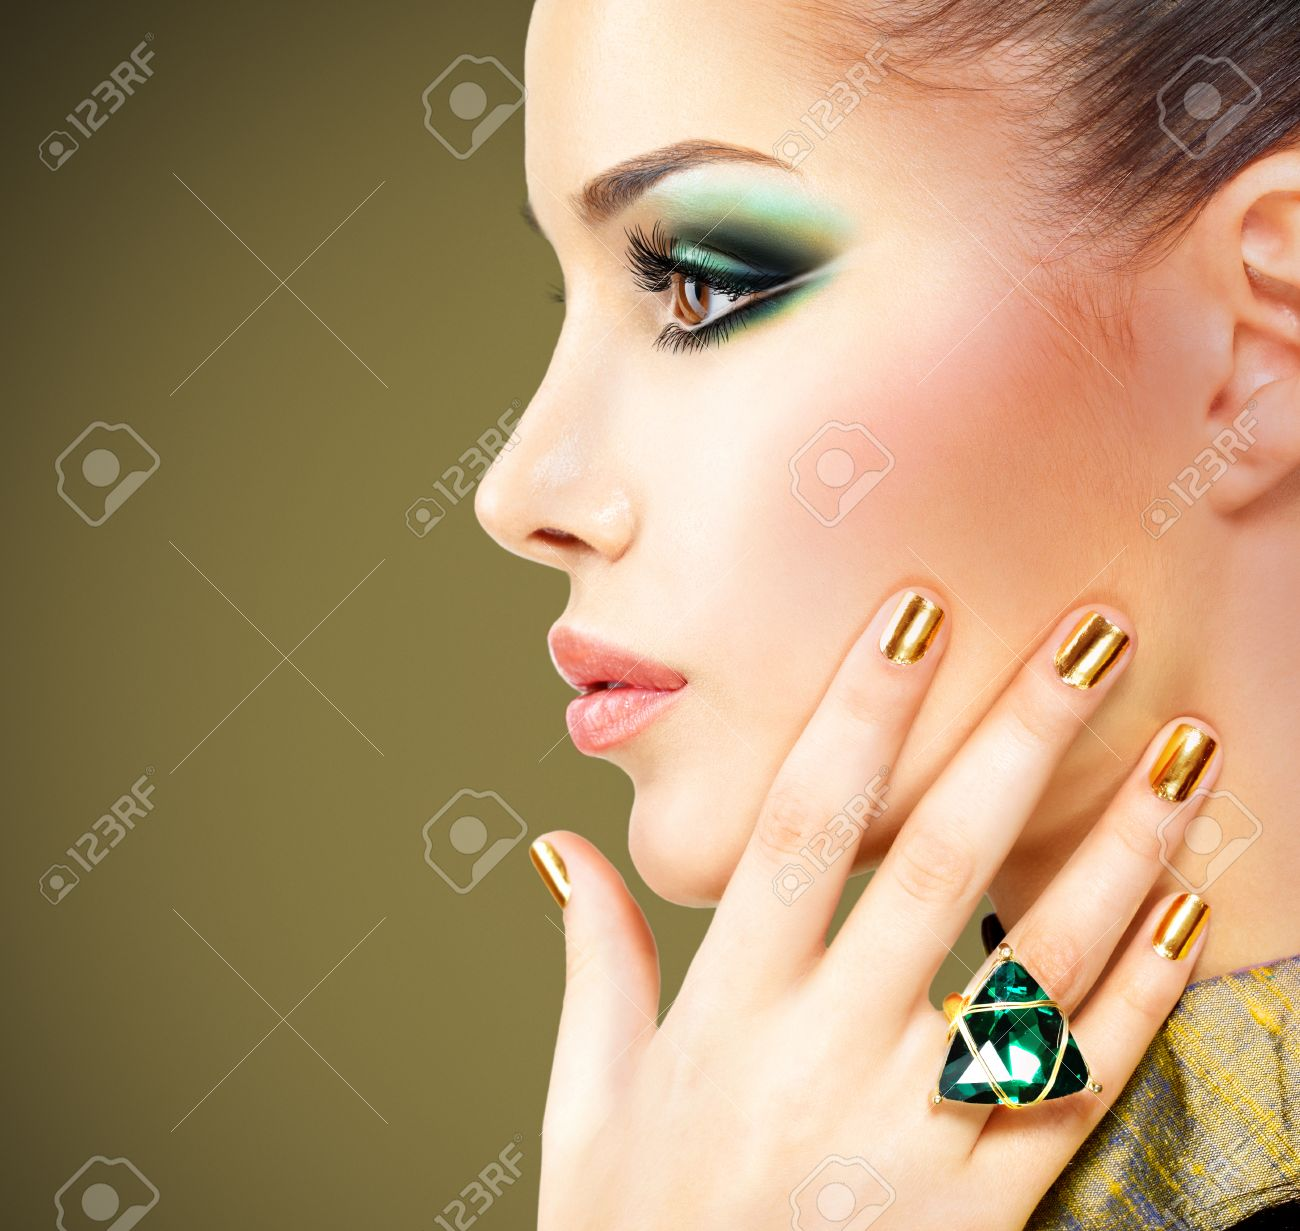 Glamour Frau Mit Schönen Goldenen Nägel Und Smaragd Ring Auf Händen ...